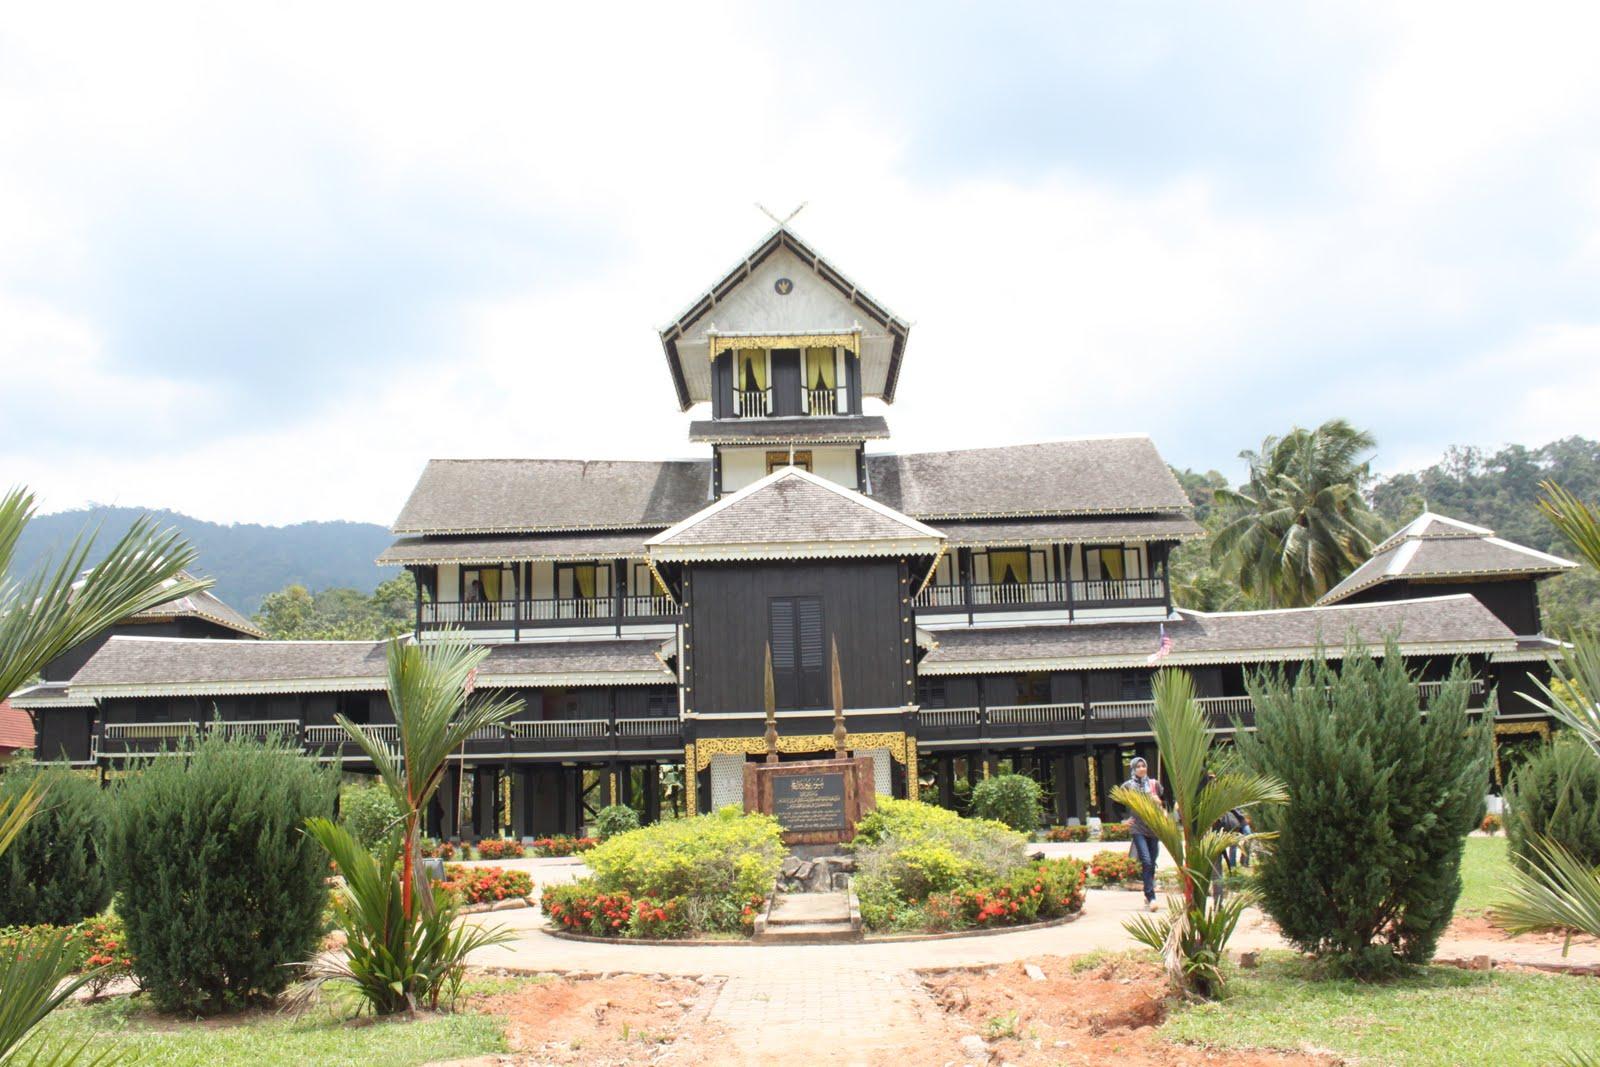 istana seri menanti Kuala pilah: istana besar seri menanti hari ini menyaksikan berlangsungnya  istiadat menghadap datuk johan pahlawan lela perkasa.